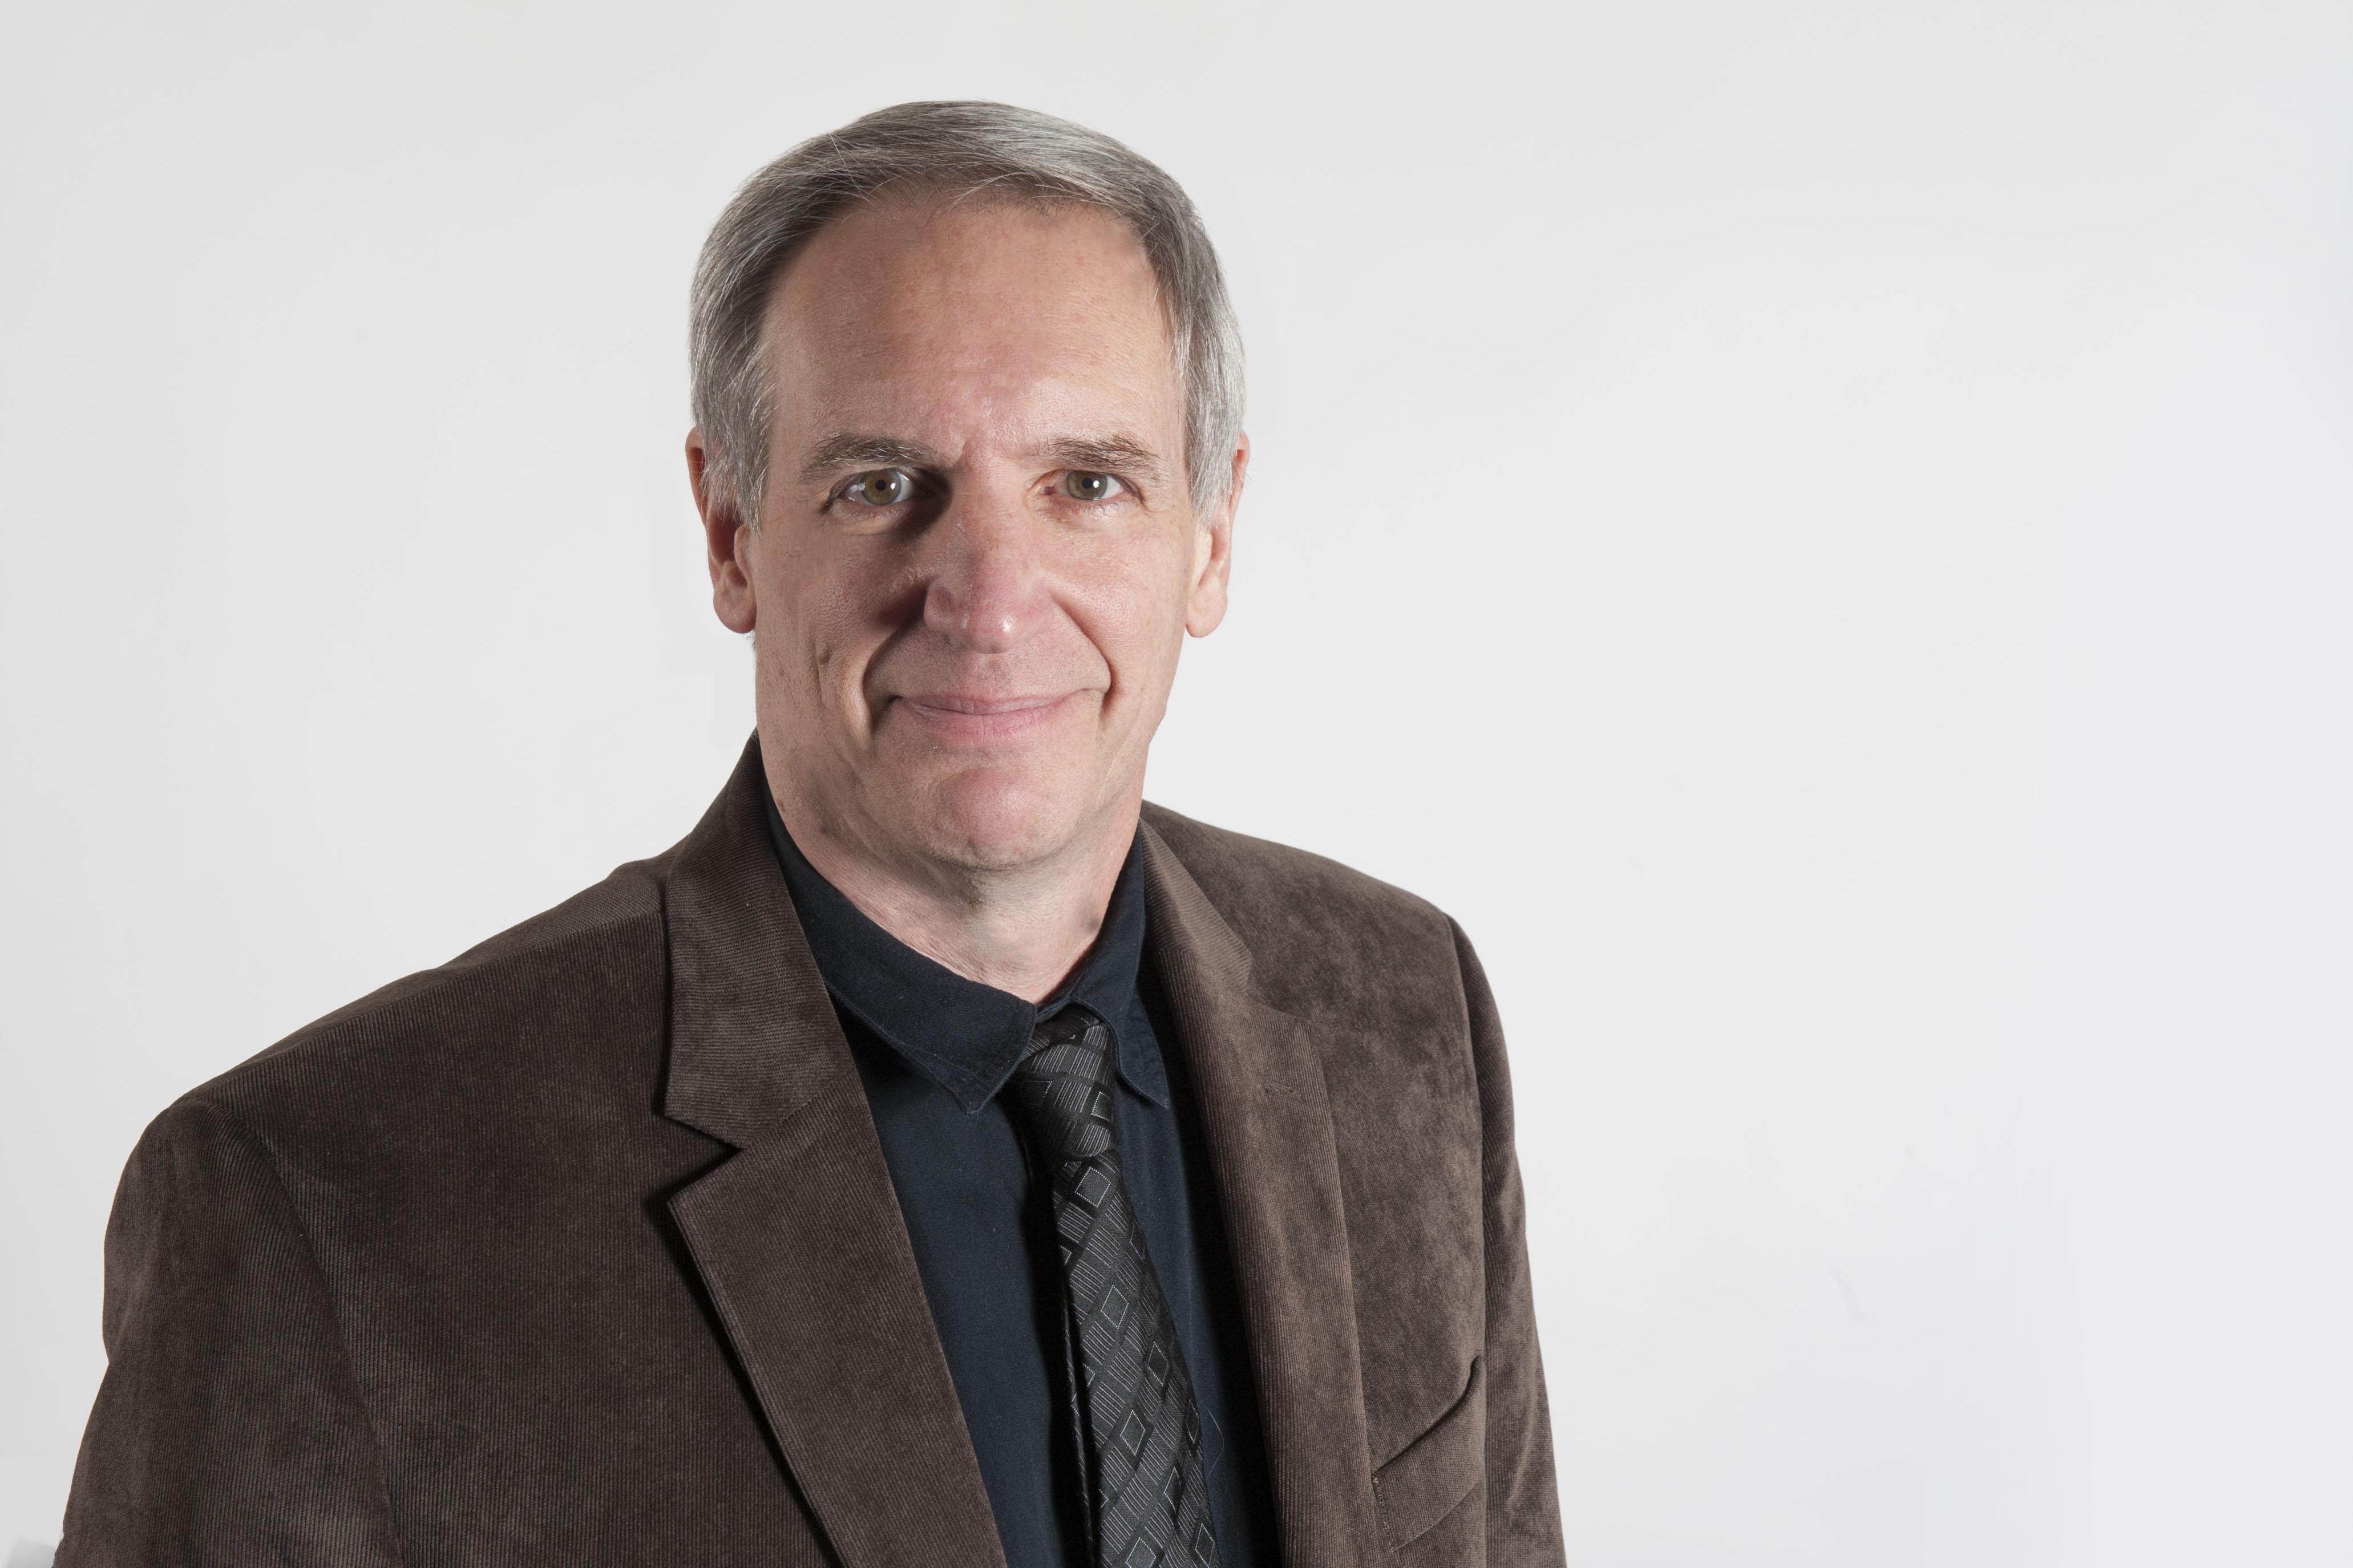 John Parmelee